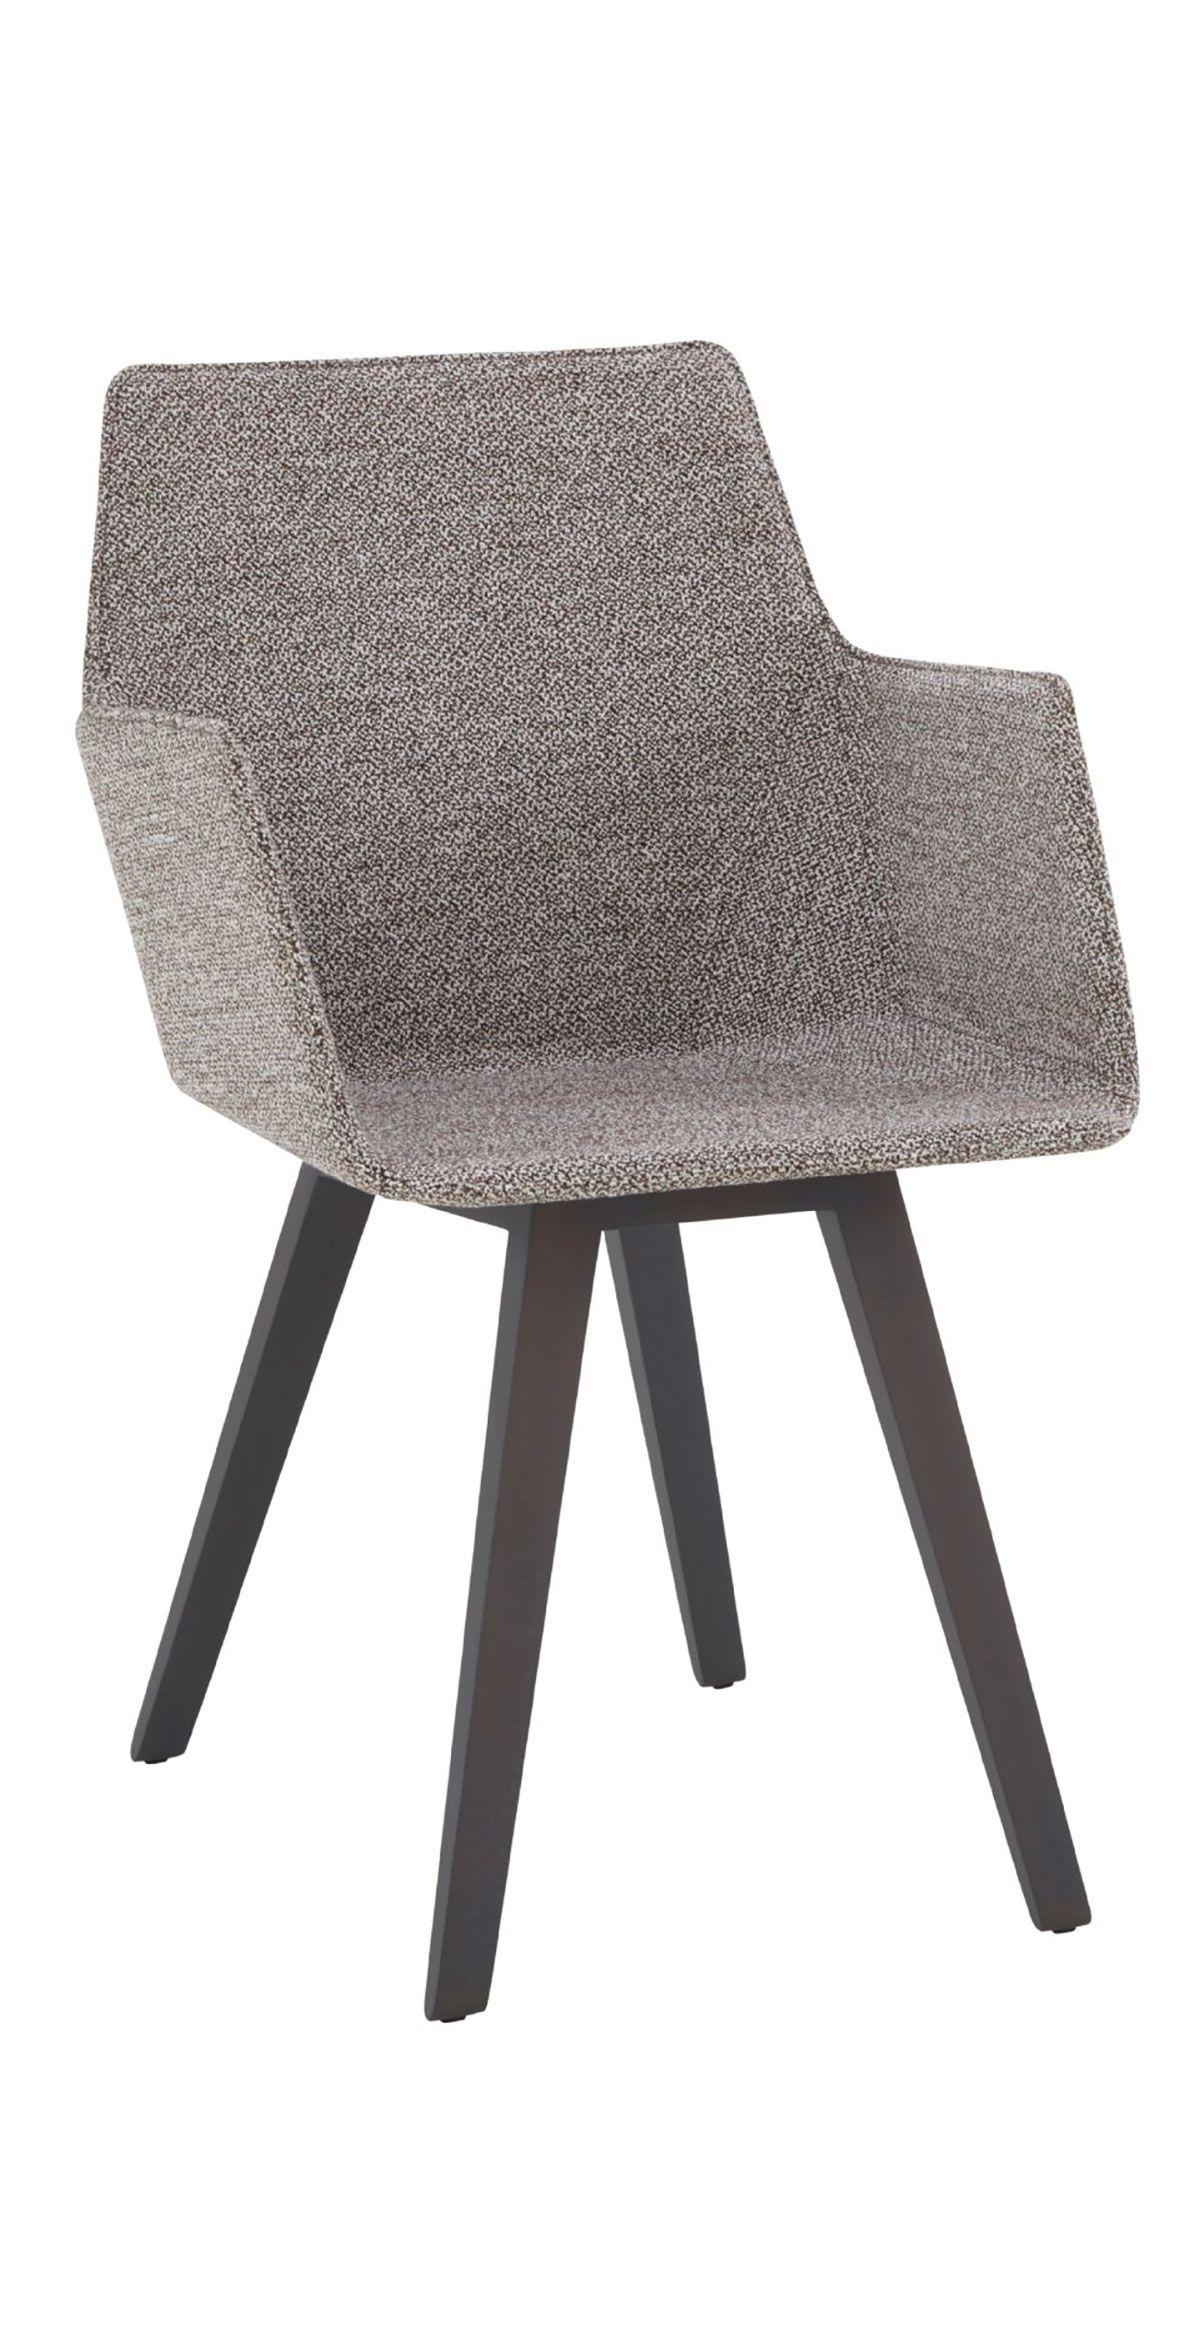 elsa dining chair designed by francois bauchet for ligne roset rh pinterest co uk